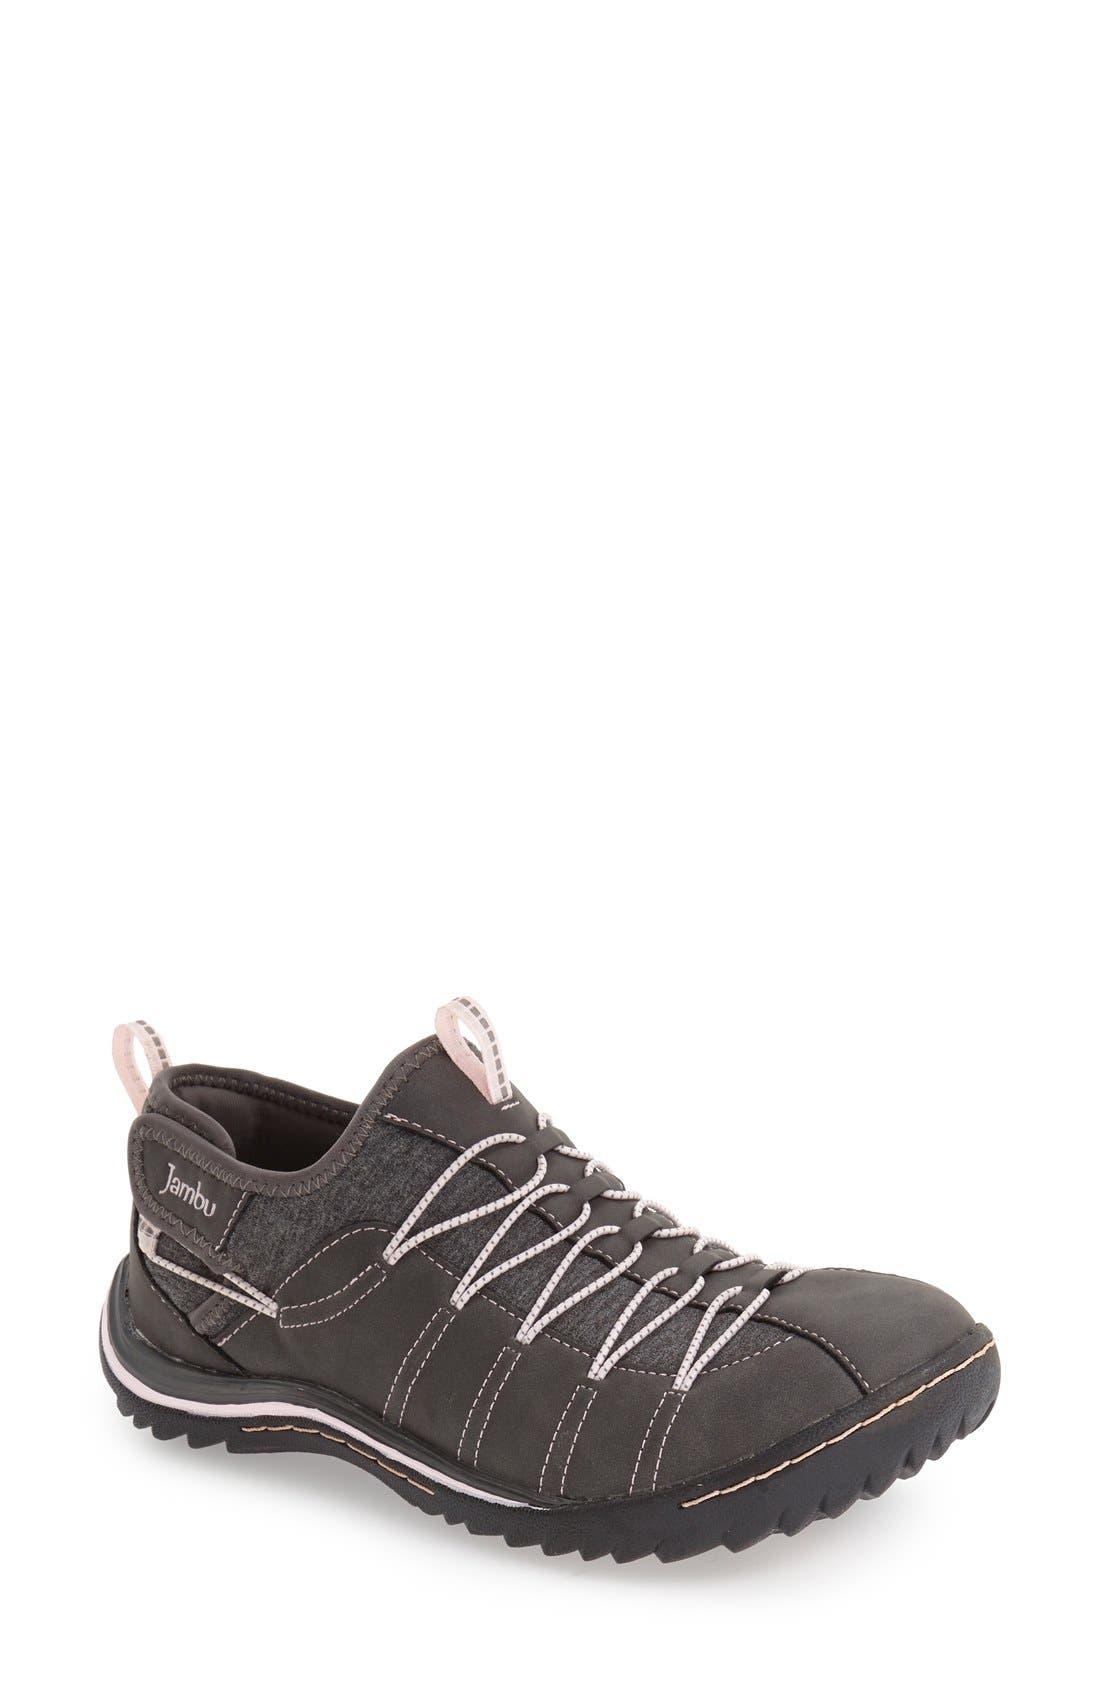 0ef7ff58316c87 Jambu Shoes for Women